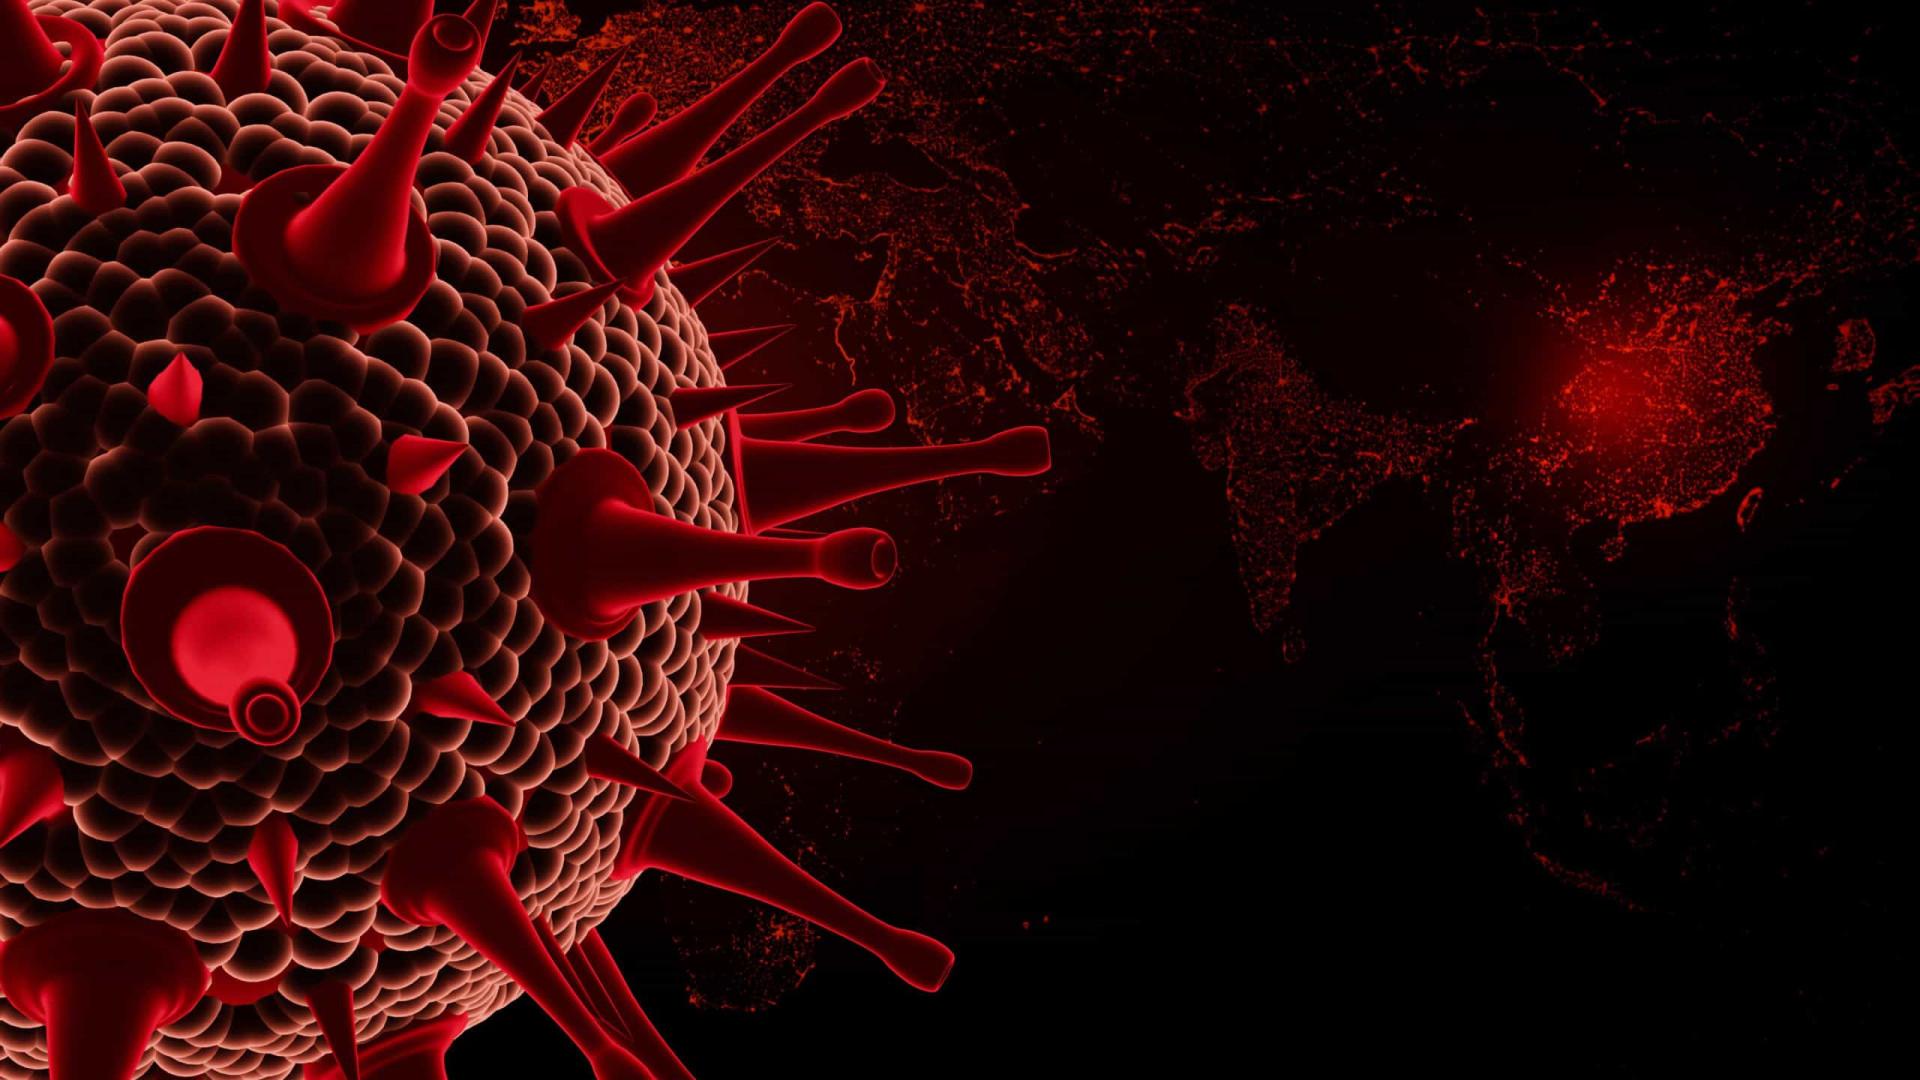 Covid-19: Mortalidade diminuiu drasticamente desde o início da pandemia